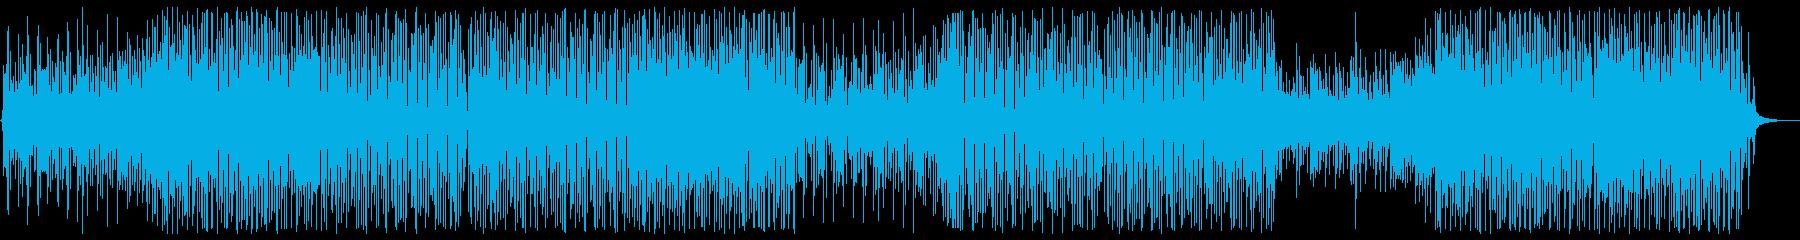 お洒落ポップなモダンミュージックの再生済みの波形